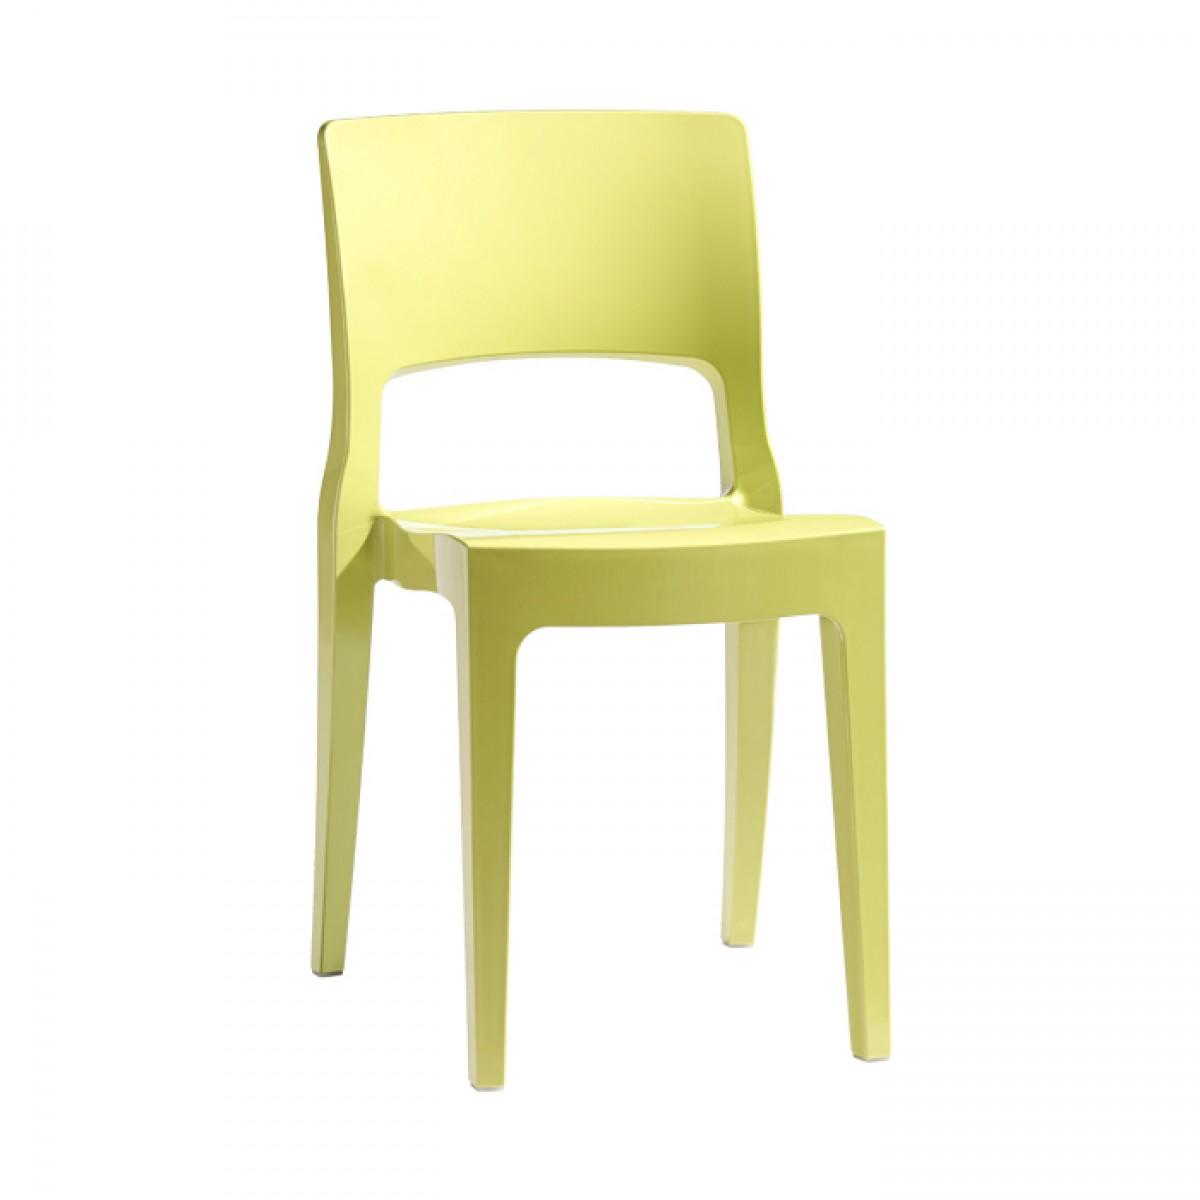 Isy tecnopolimero franchi sedie sedie sgabelli for Sedia ufficio gialla